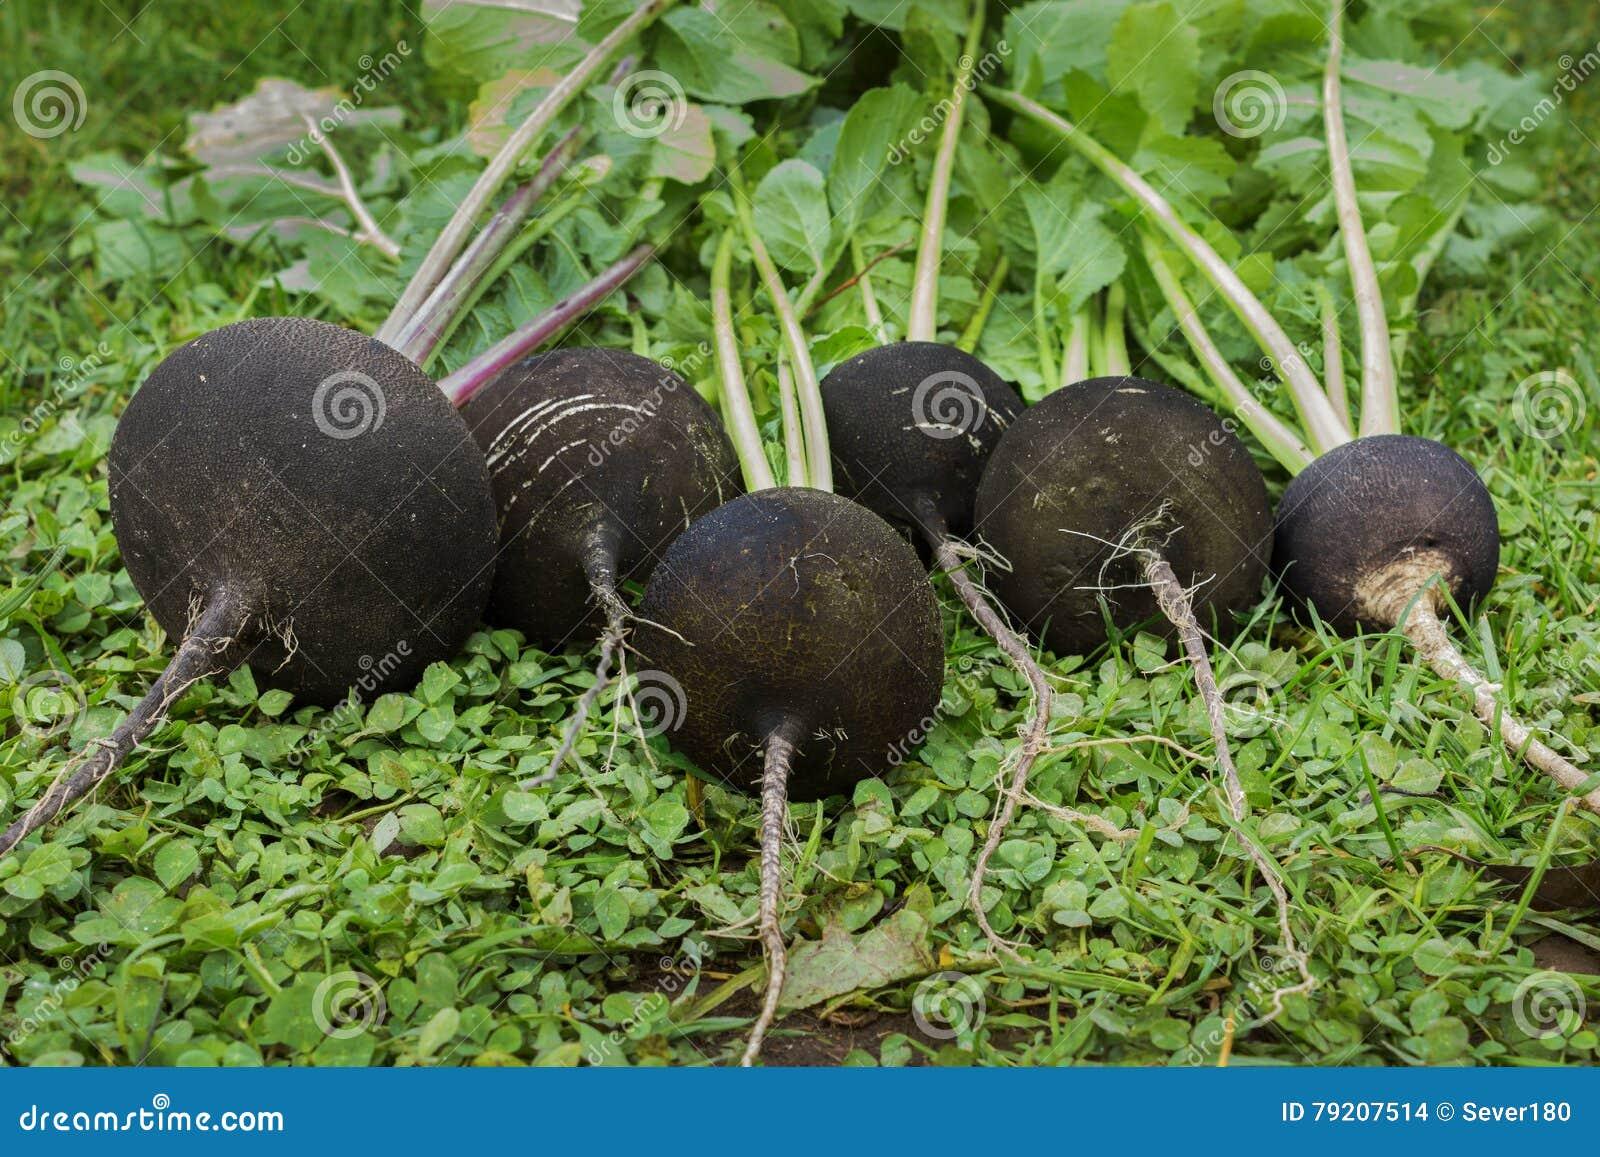 Black radish reaches maturity in October